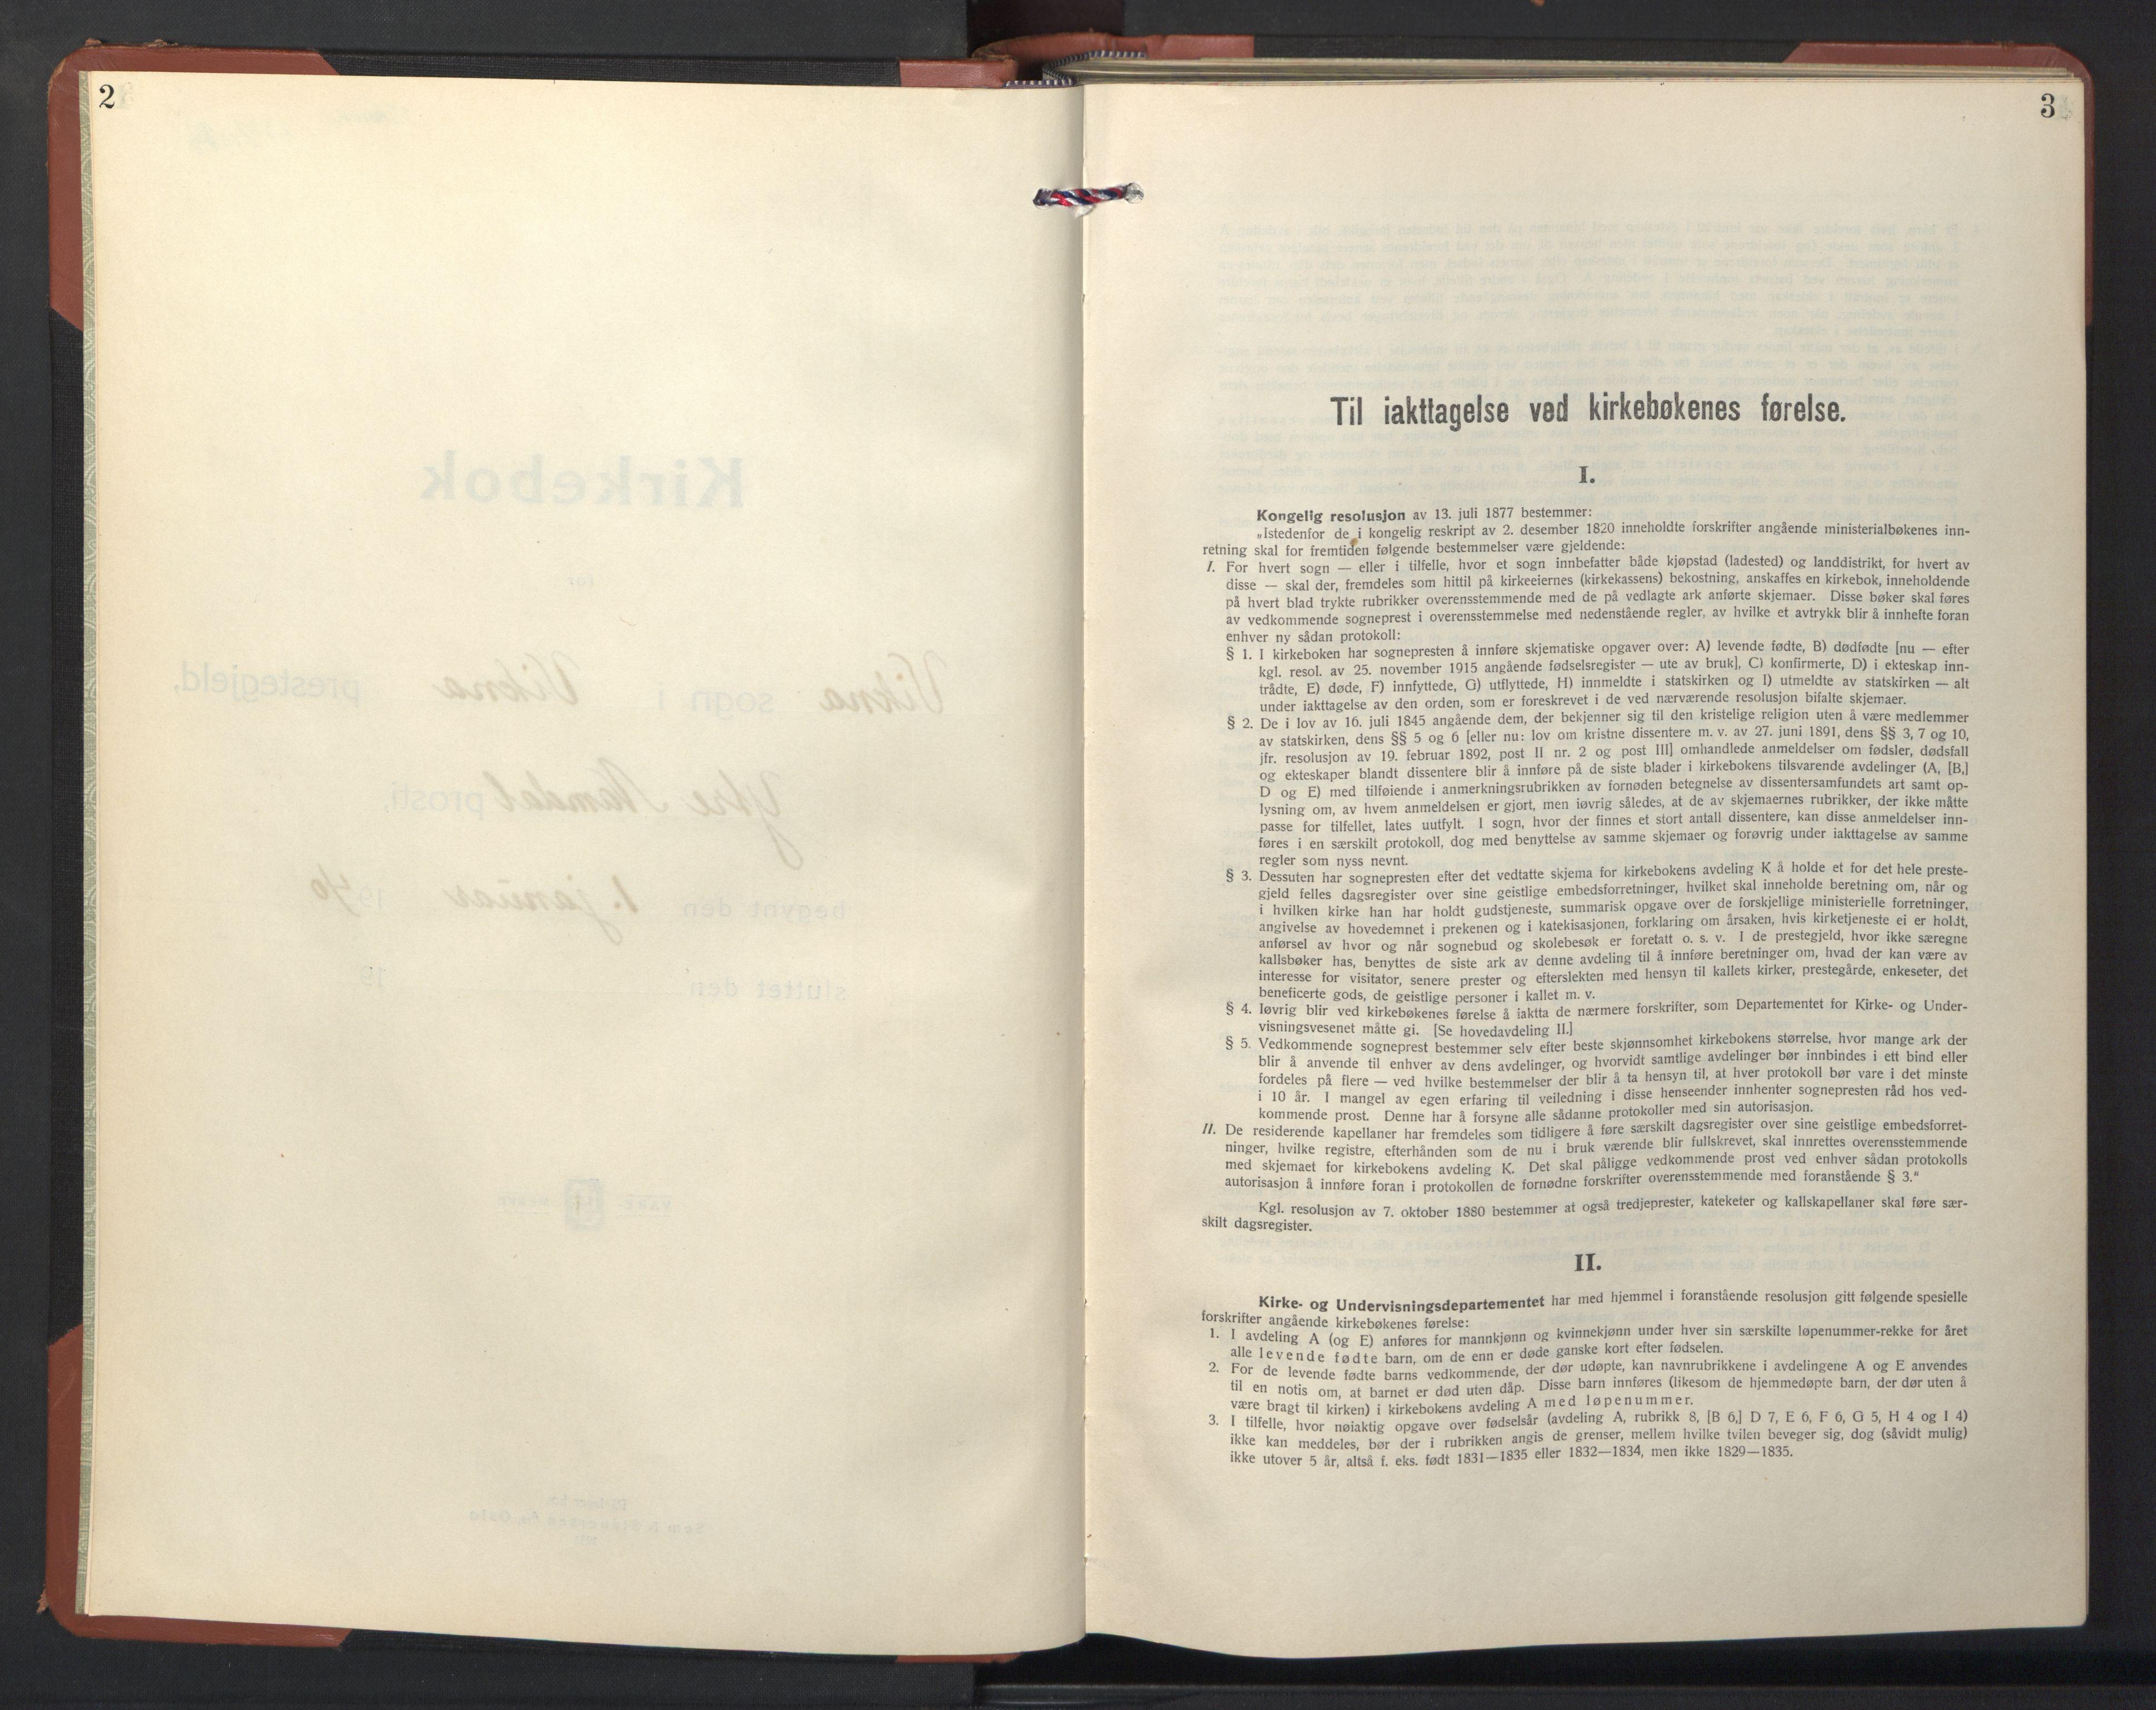 SAT, Ministerialprotokoller, klokkerbøker og fødselsregistre - Nord-Trøndelag, 786/L0689: Klokkerbok nr. 786C01, 1940-1948, s. 2-3